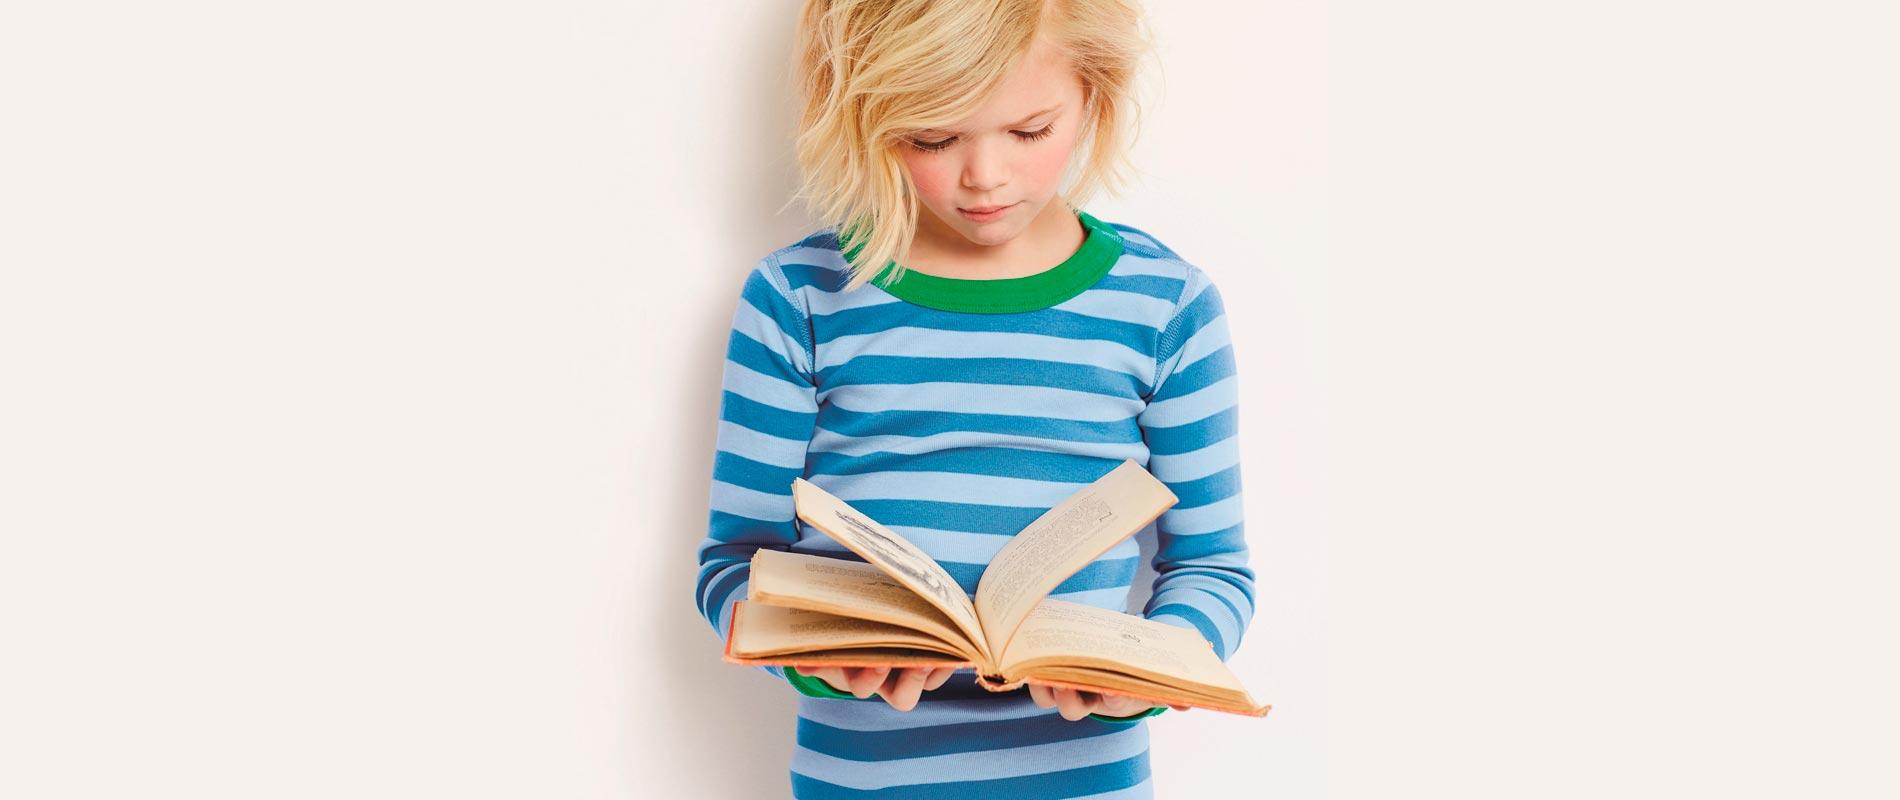 Concurs de Lectura en Veu alta 2018